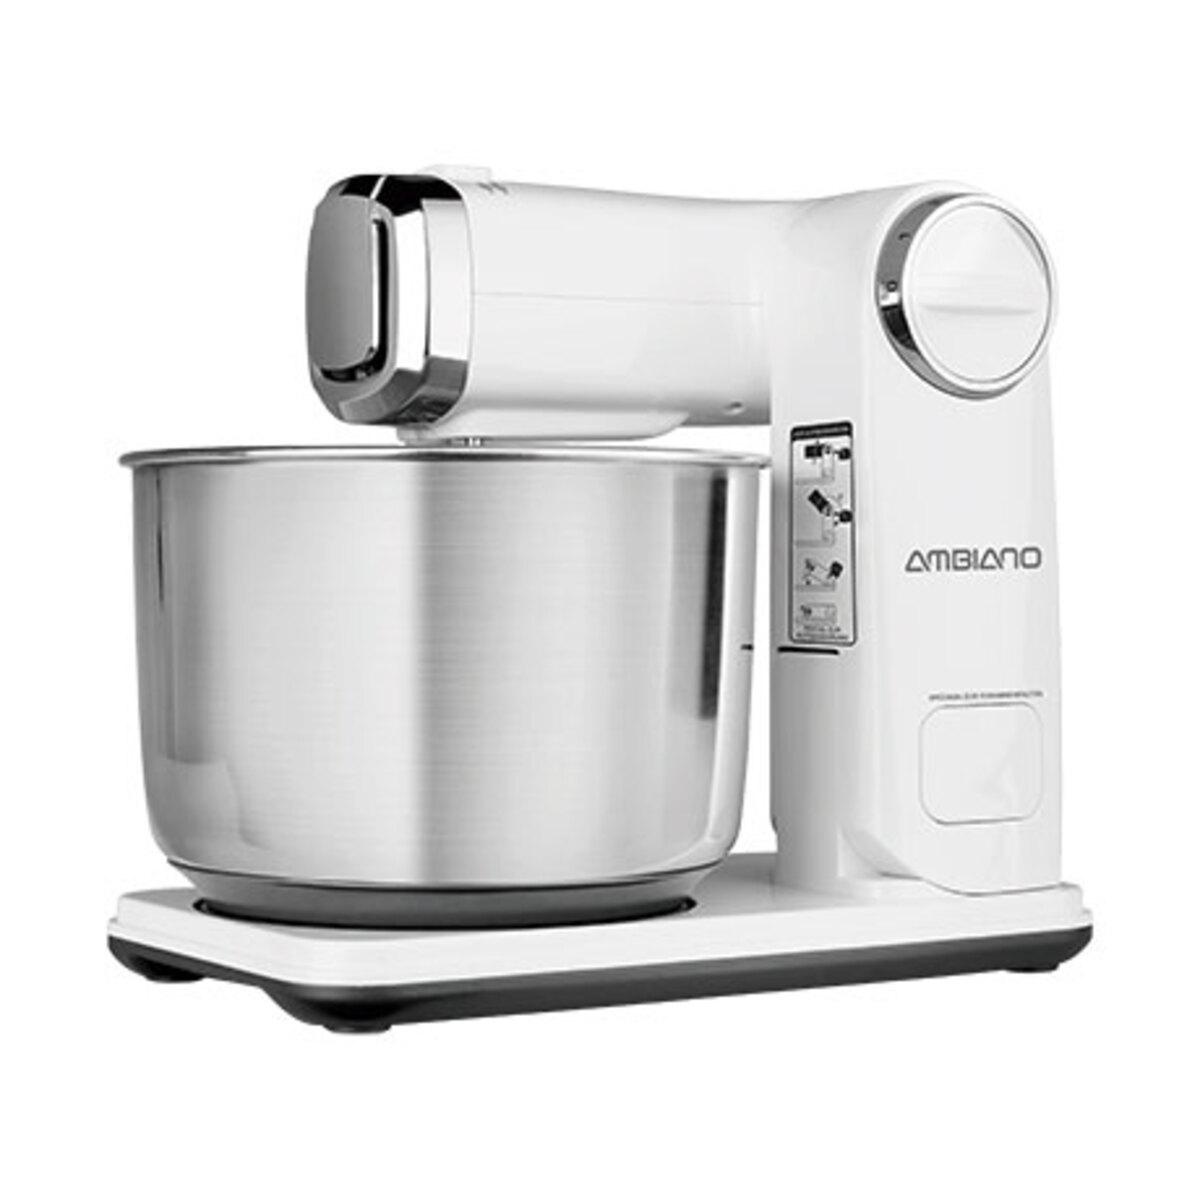 Bild 3 von Faltbare Küchenmaschine Weiß1